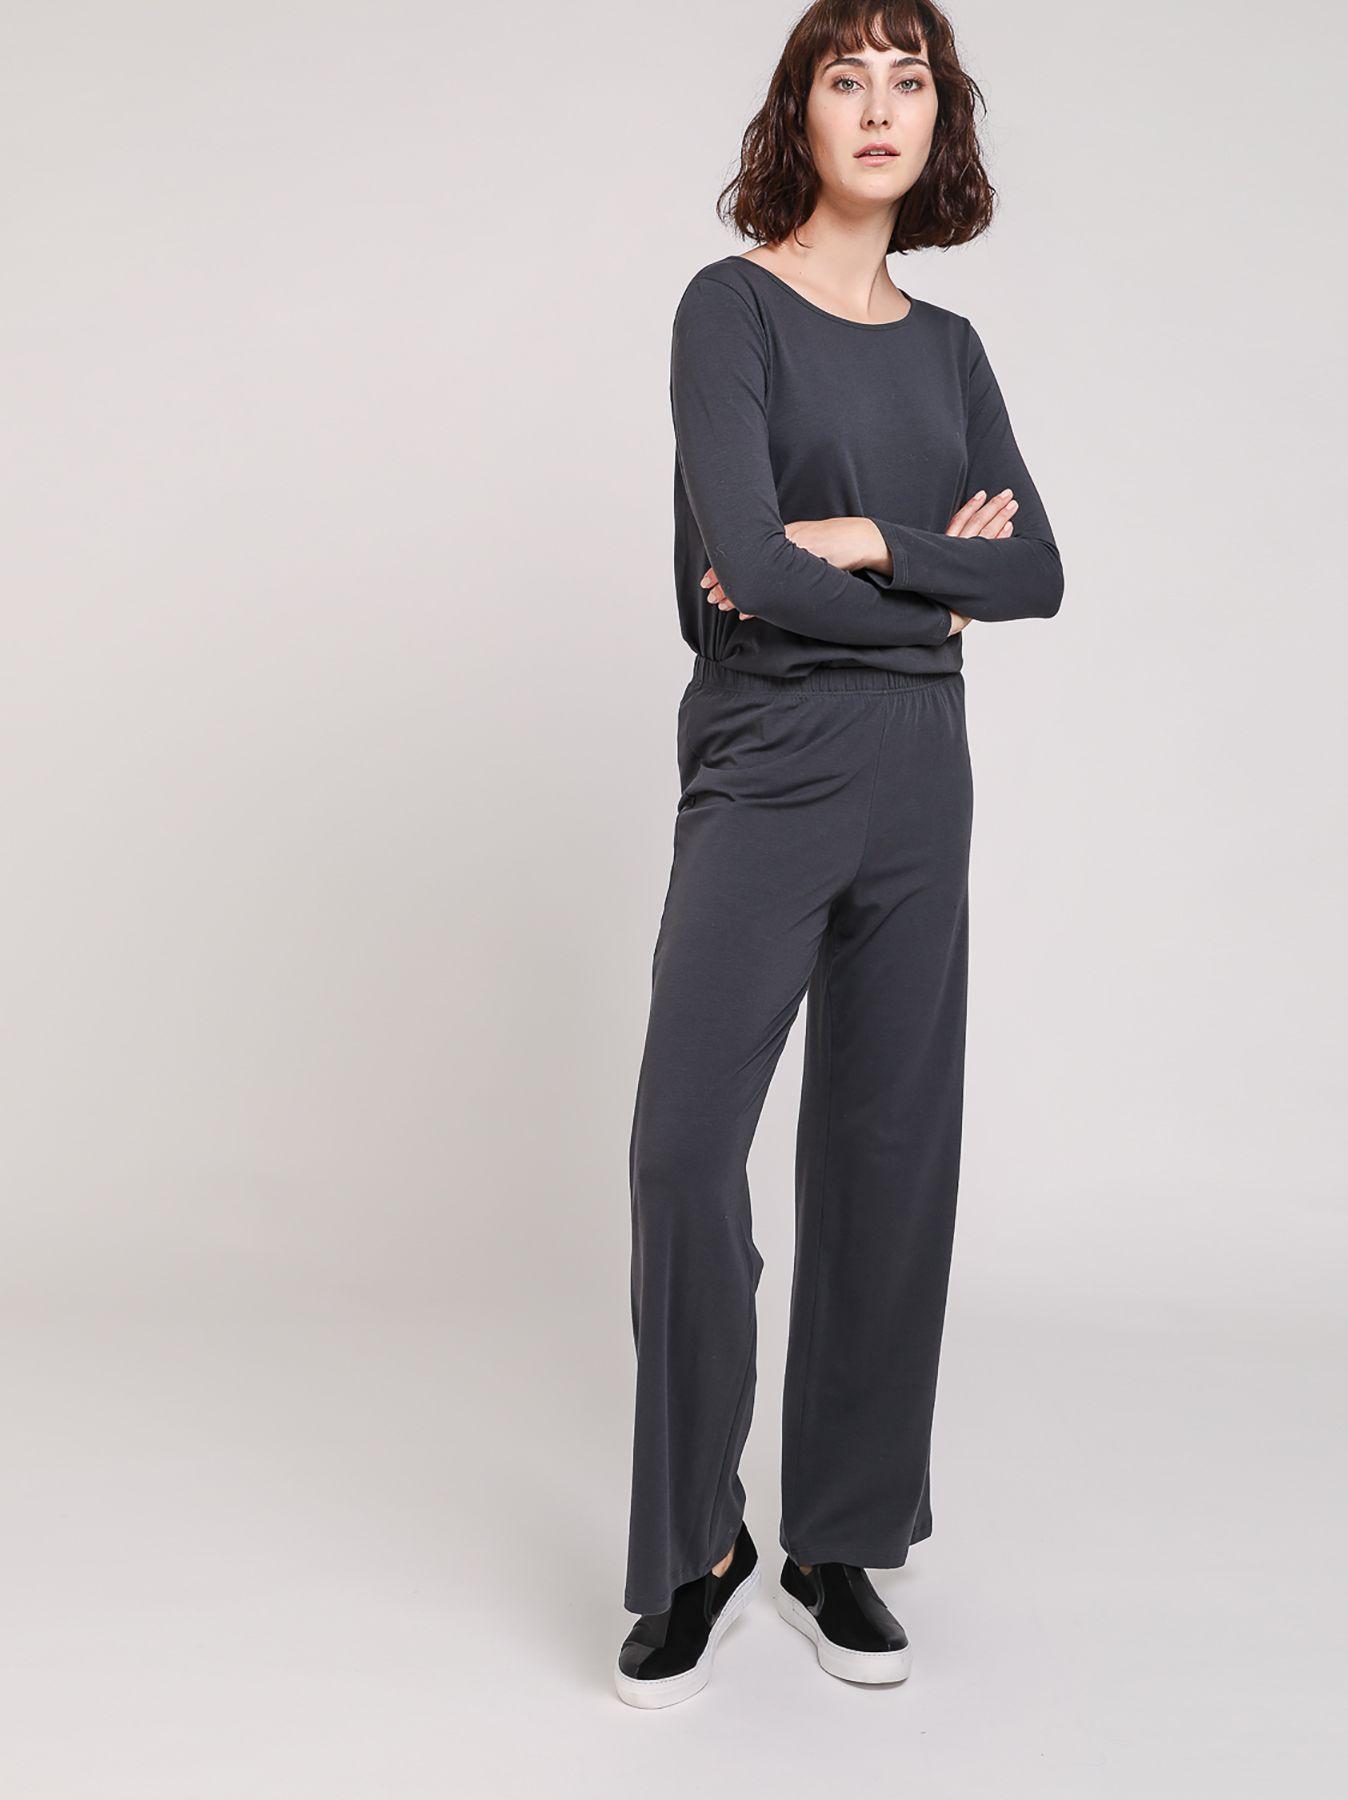 Pantalone elastico in cotone